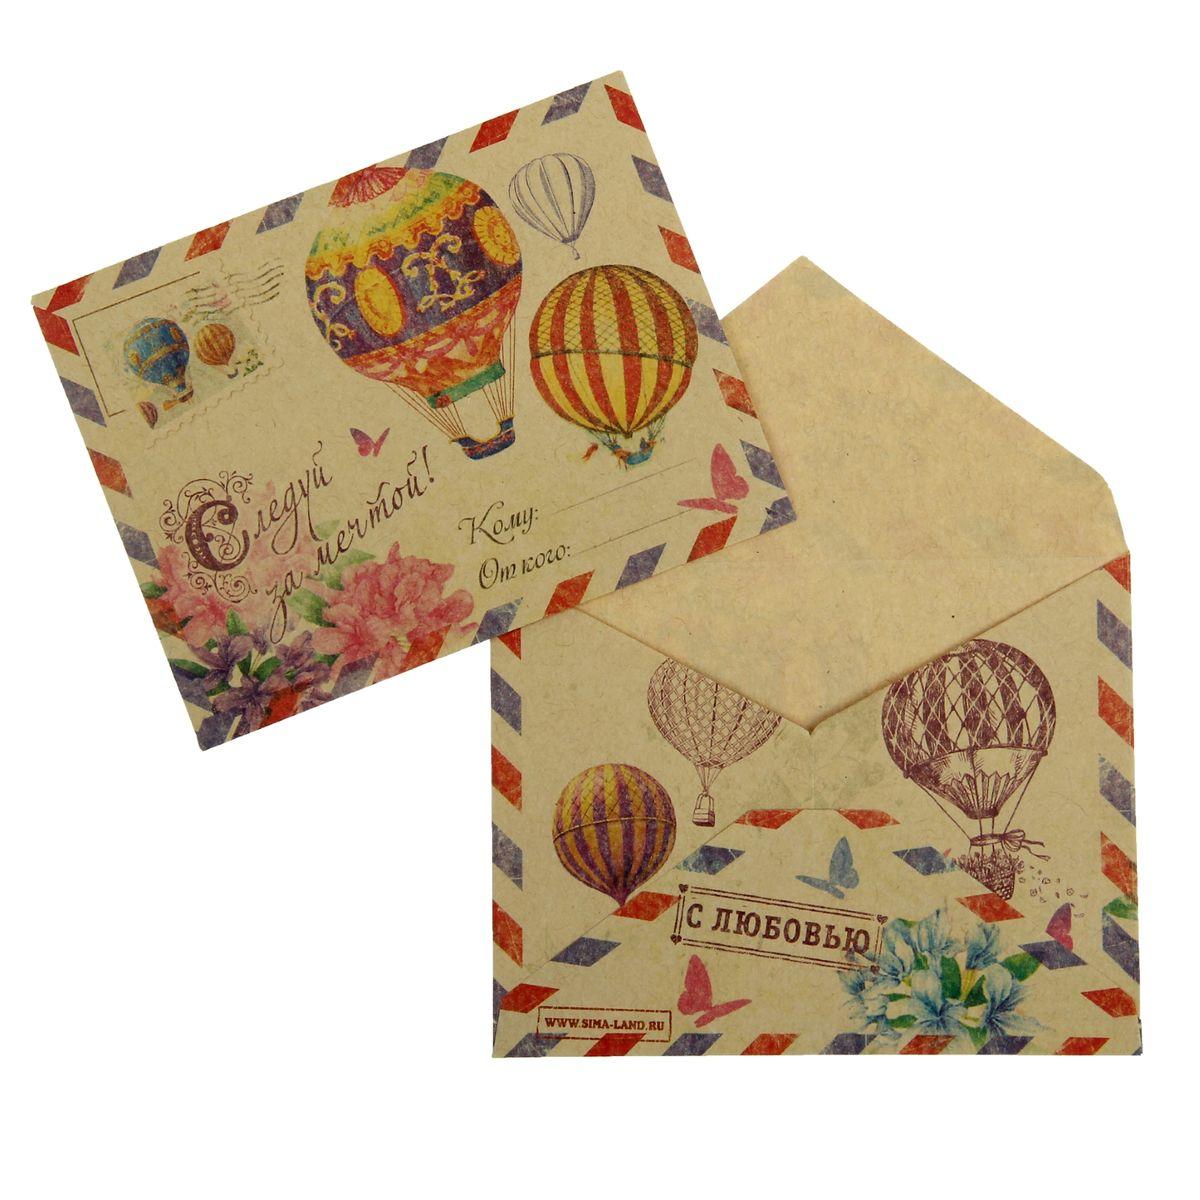 Конверт подарочный Следуй за мечтой1021074Выполненный из бумаги подарочный конверт Следуй за мечтой поможет вам украсить подарок для близкого человека. На лицевой стороне конверта имеется красочное изображение аэростатов, цветов, марок и бабочек. Также есть 2 поля: Кому и От кого. Конверт Следуй за мечтой - отличный выбор для оформления подарка.